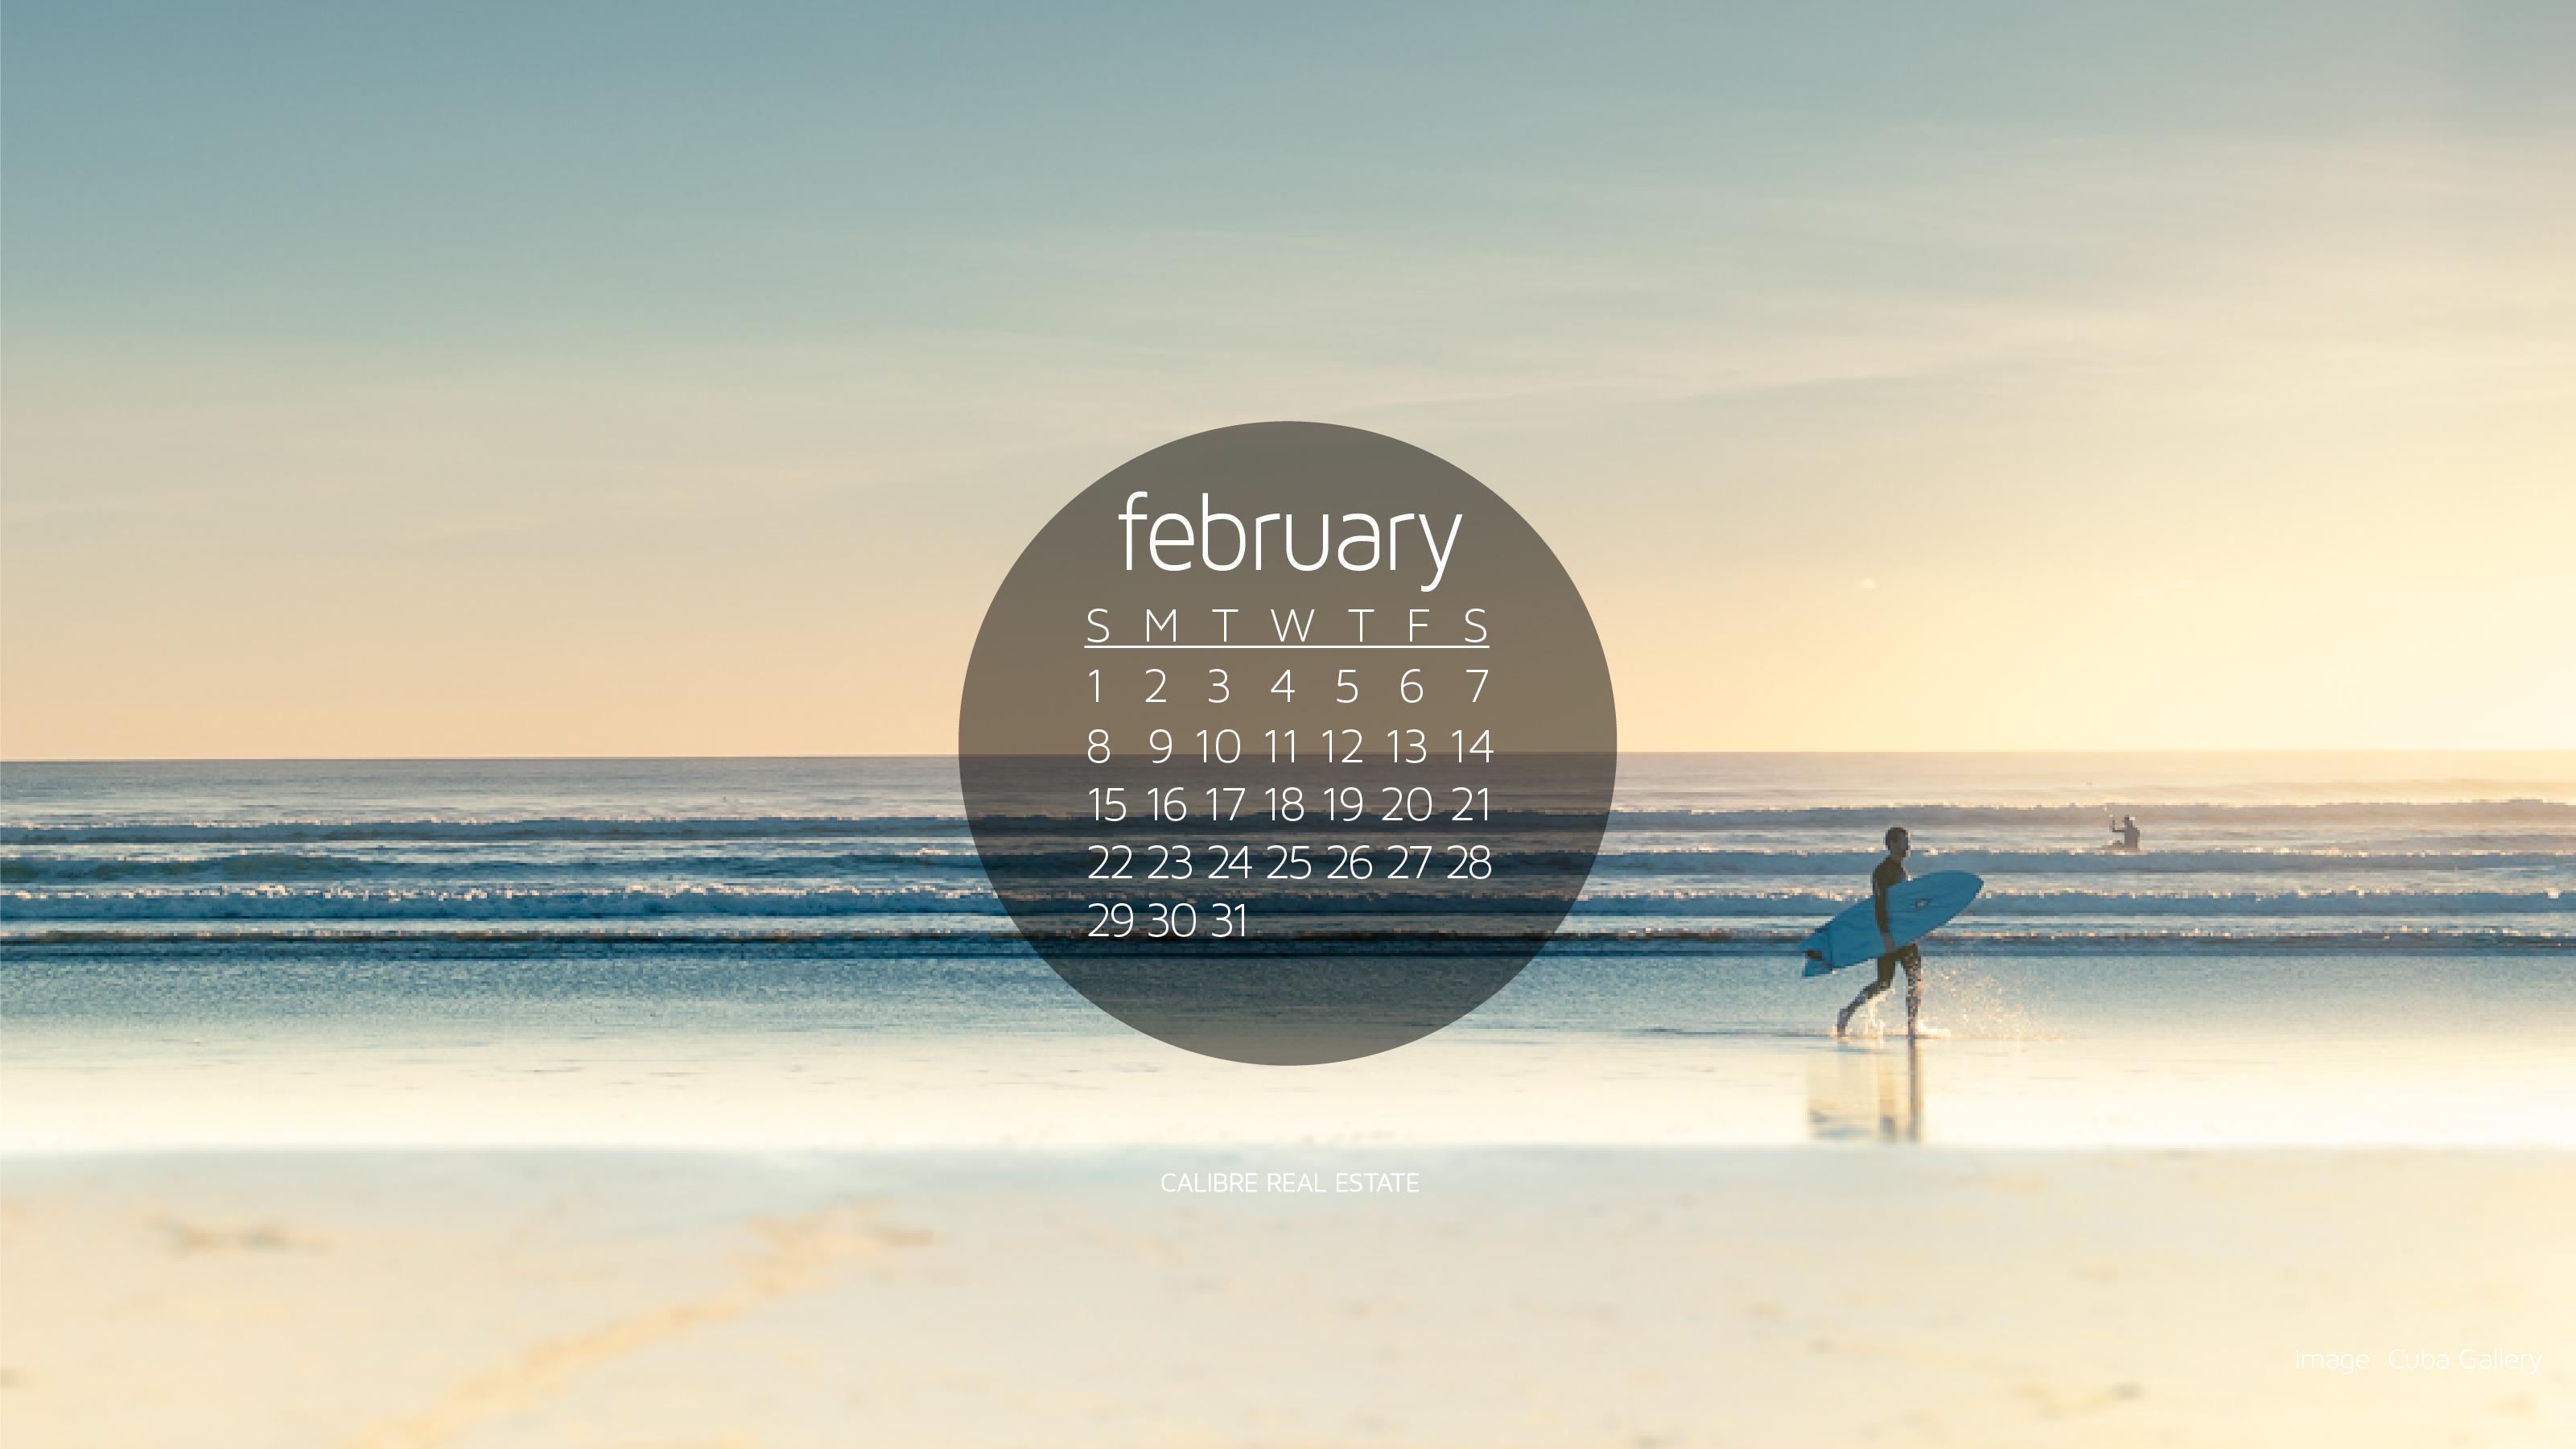 February 2015 Calendar Wallpaper 3201x1800